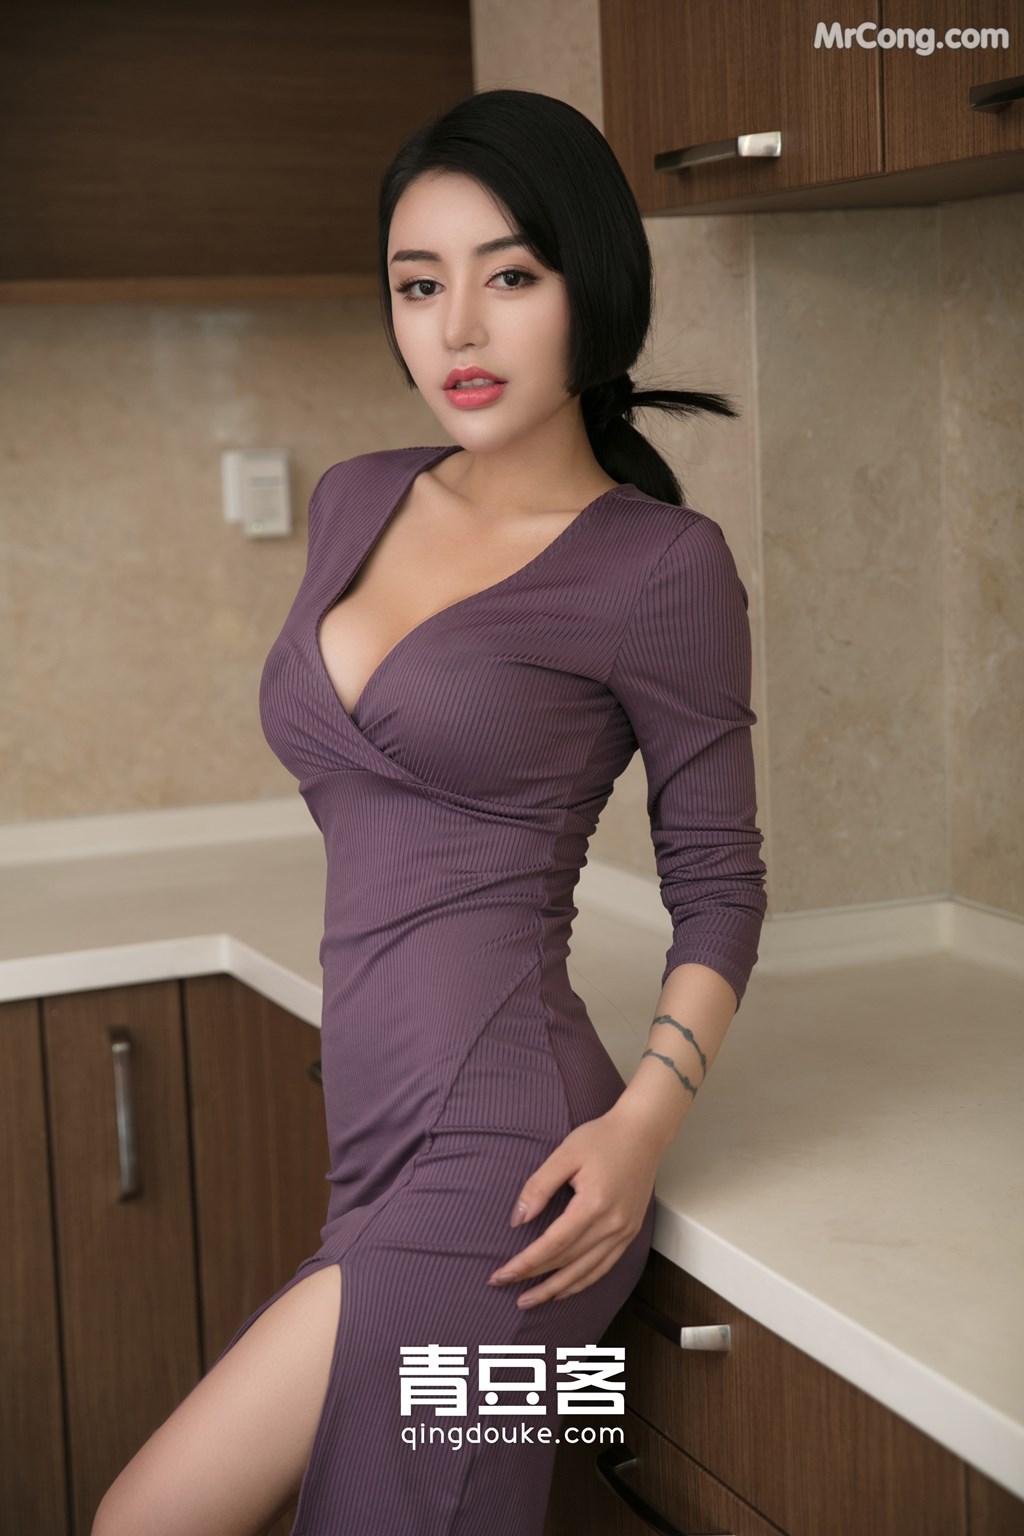 Image QingDouKe-2017-11-22-Lu-Zi-Qi-MrCong.com-001 in post QingDouKe 2017-11-22: Người mẫu Lu Zi Qi (陆梓琪) (51 ảnh)